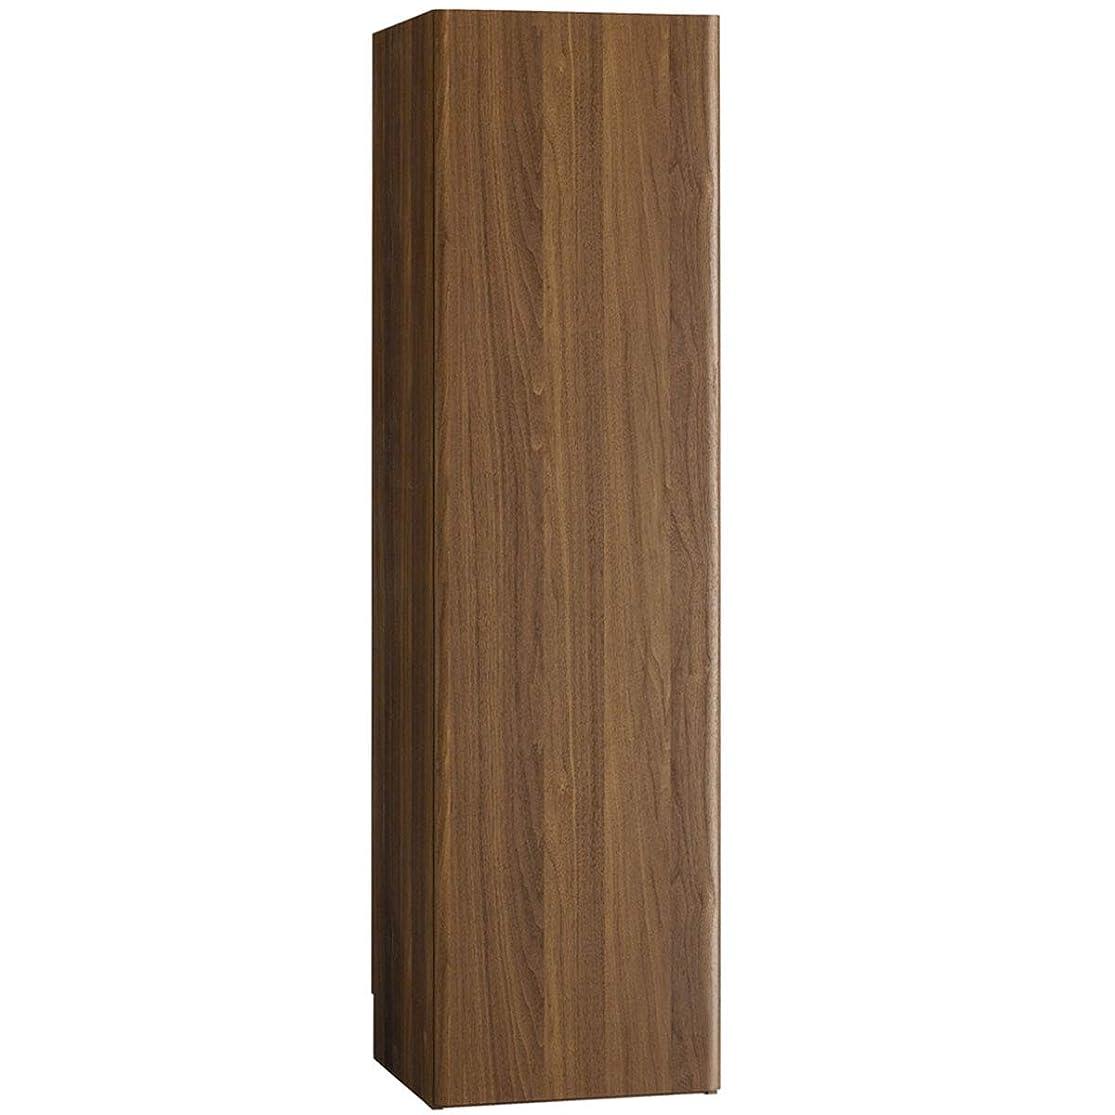 サークル取り戻す延ばす朝日木材加工 ストッカー L-forme クリーナーストレージ 幅39.2cm 奥行41.3cm 高さ145cm ブラウン 巾木よけ加工 LFM-1440ST-DB